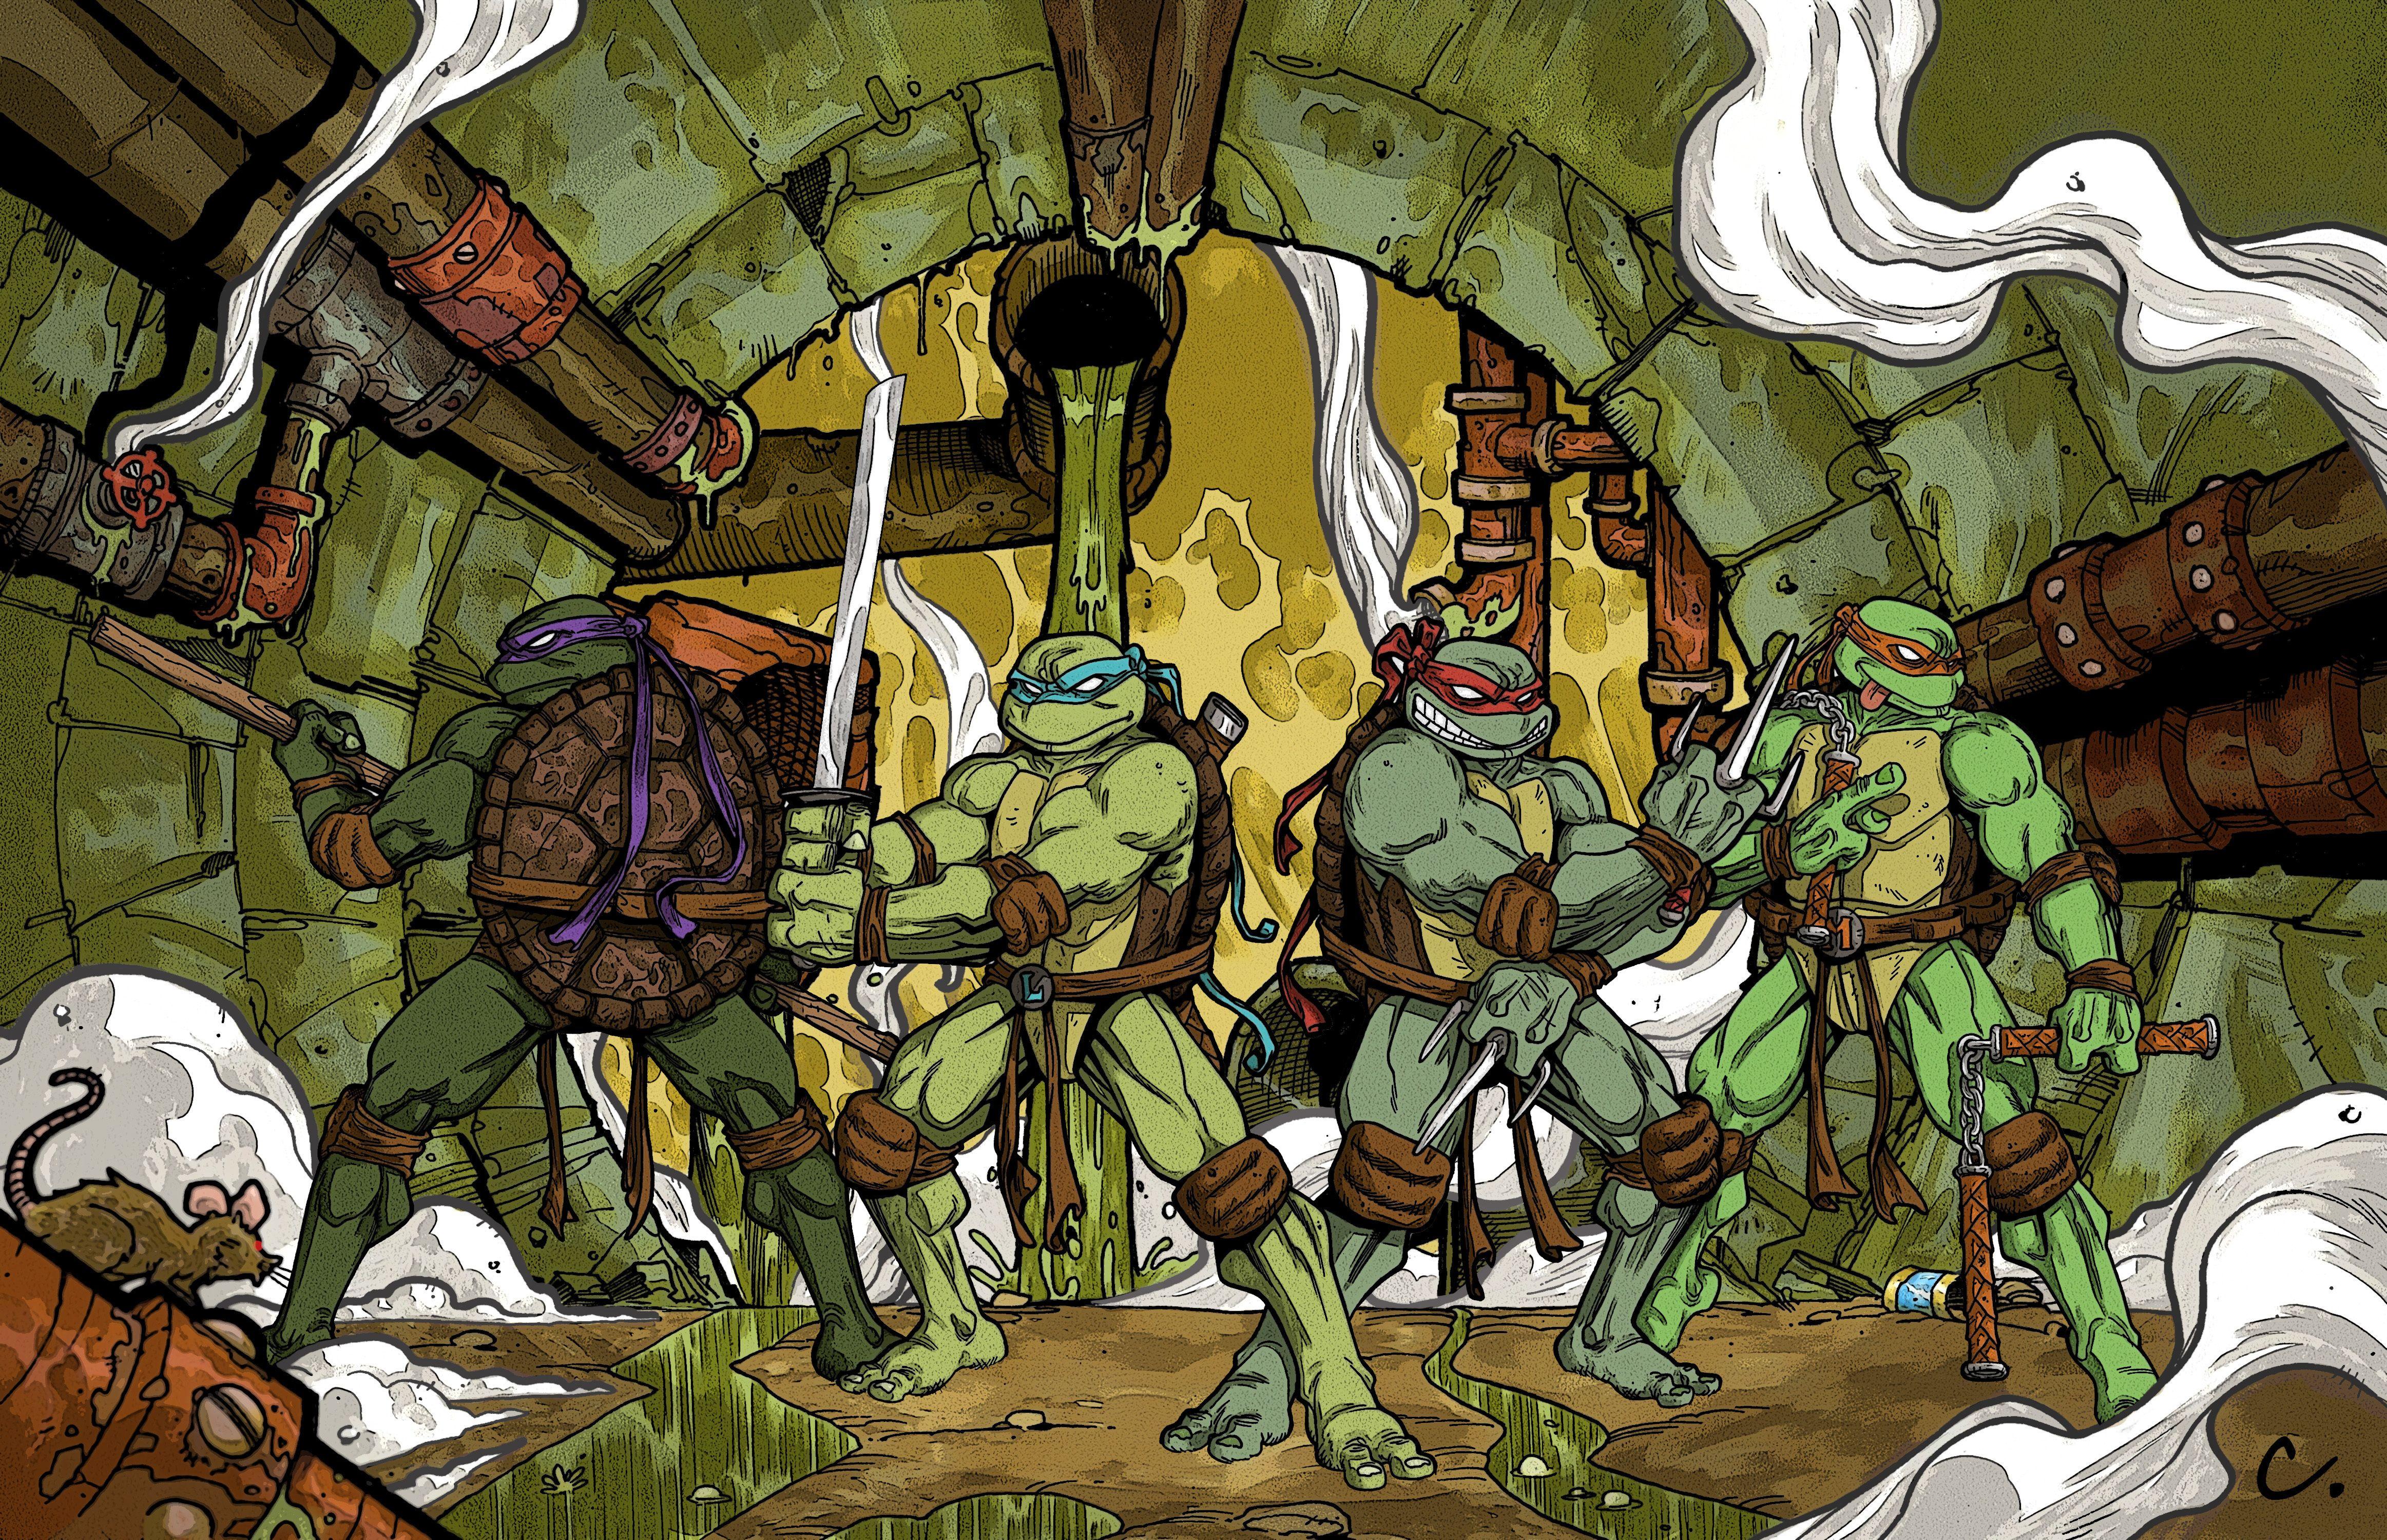 teenage mutant ninja turtles wallpapers free